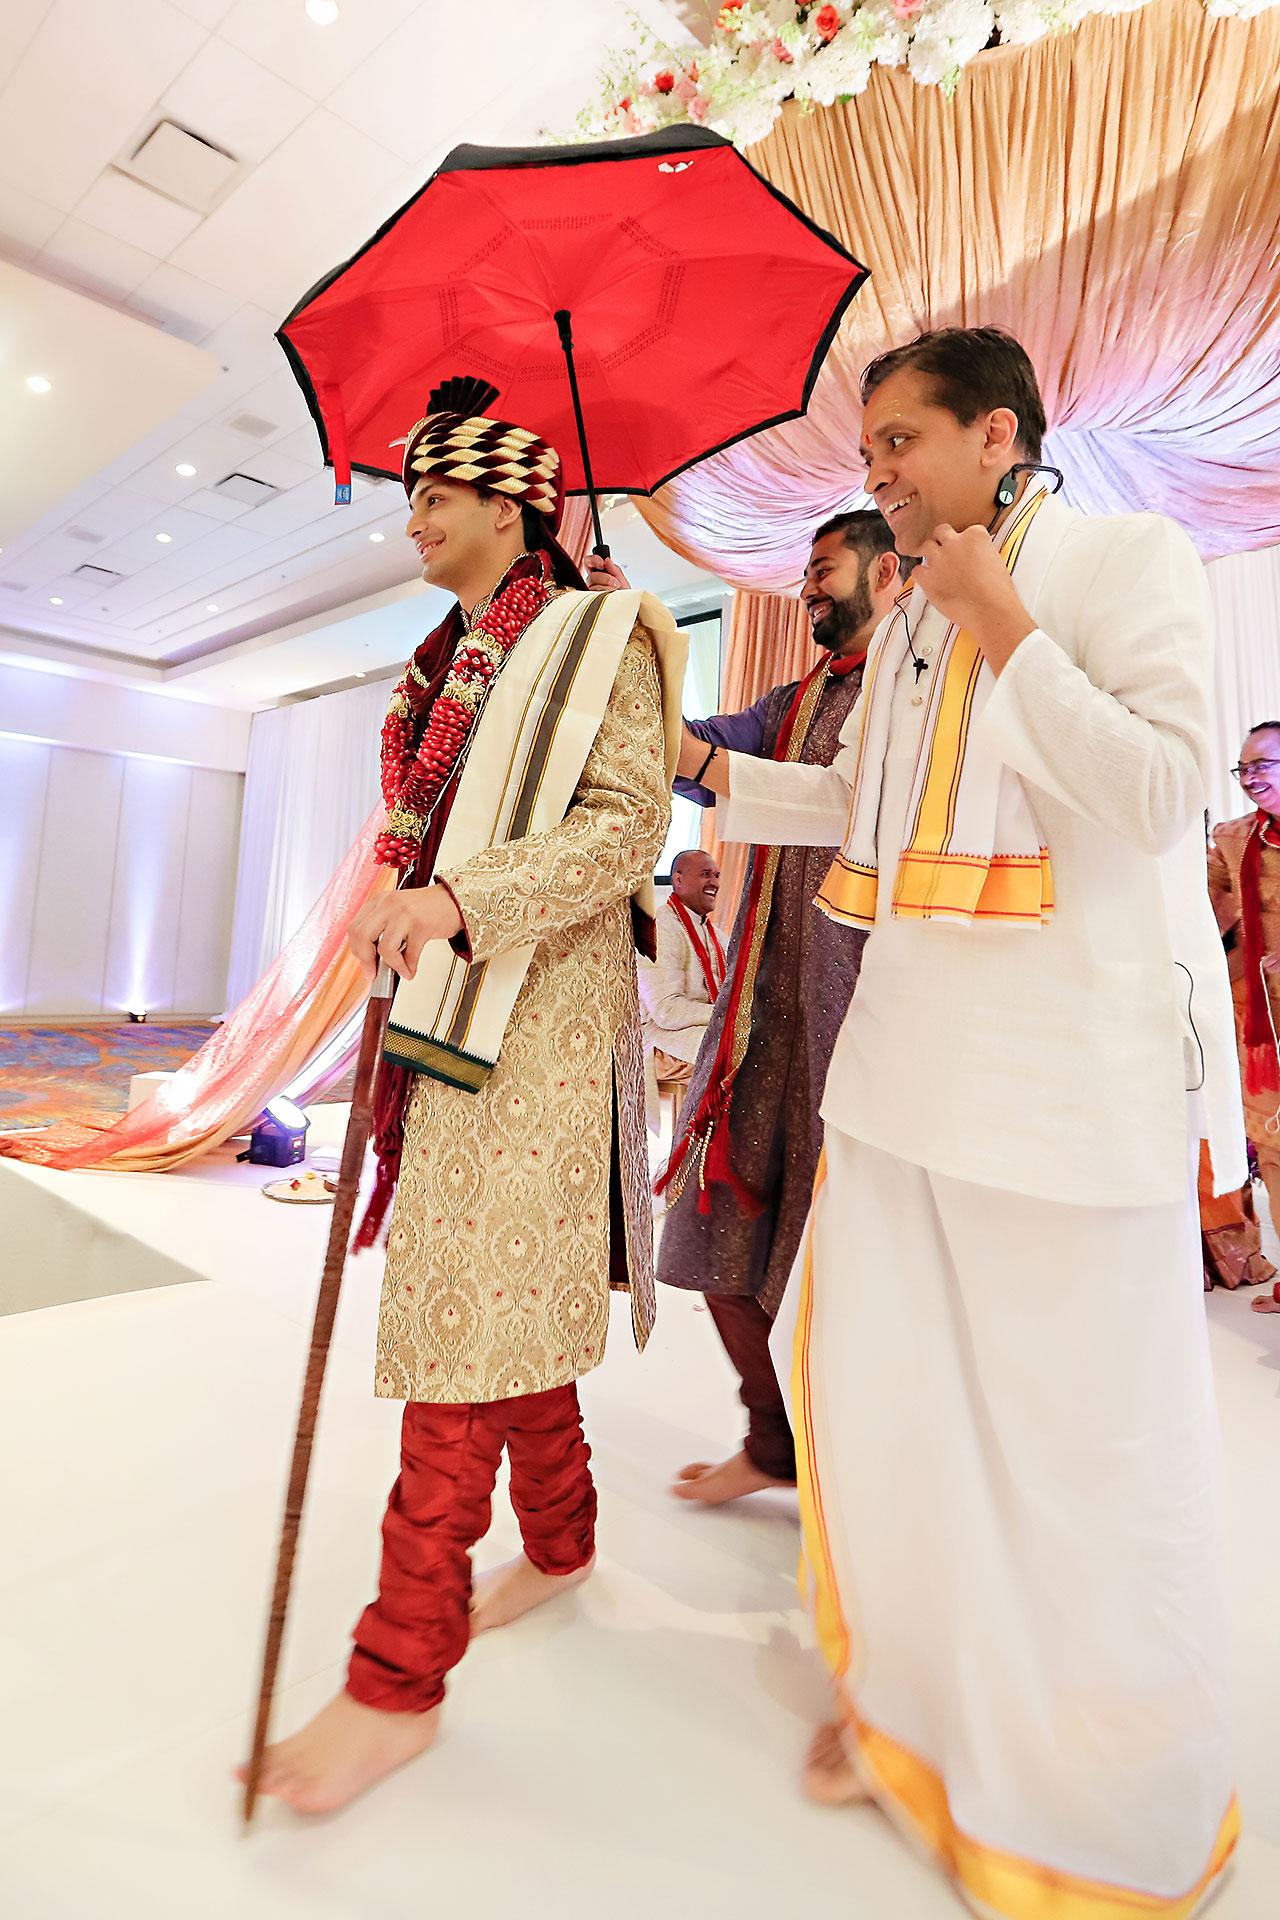 Joie Nikhil JW Marriott Indian Wedding 240